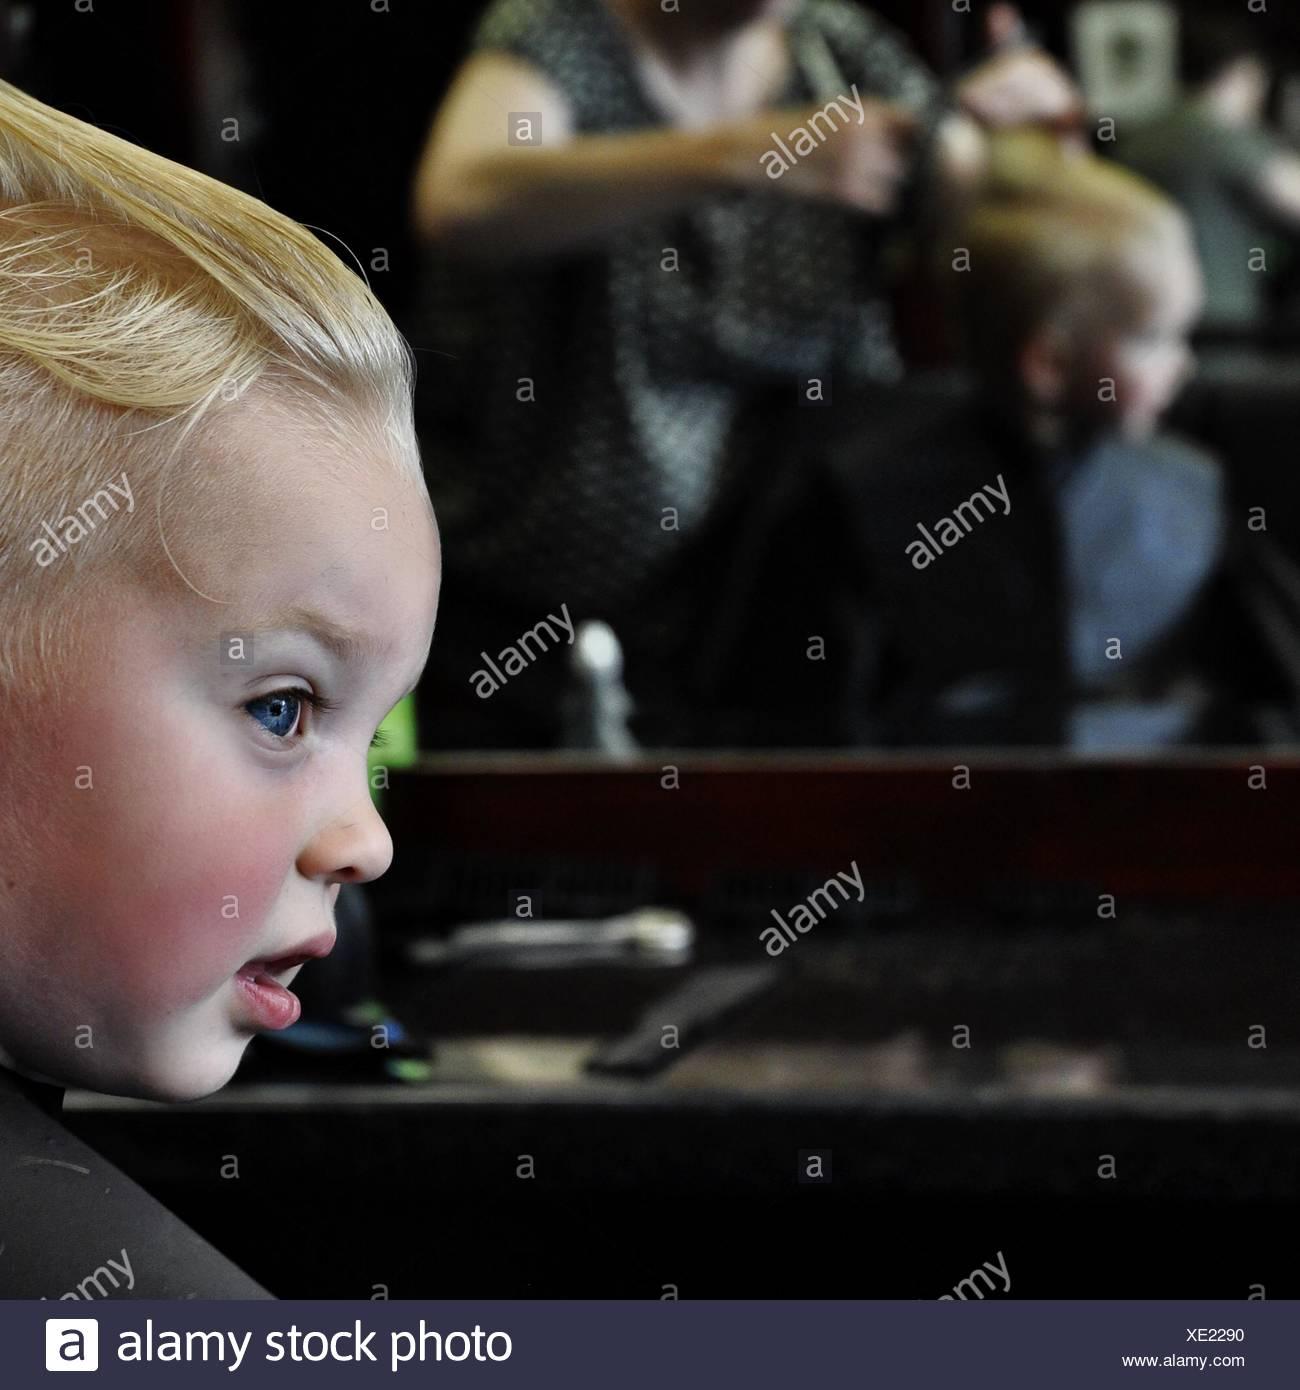 Garçon faisant couper les cheveux au salon de beauté Photo Stock